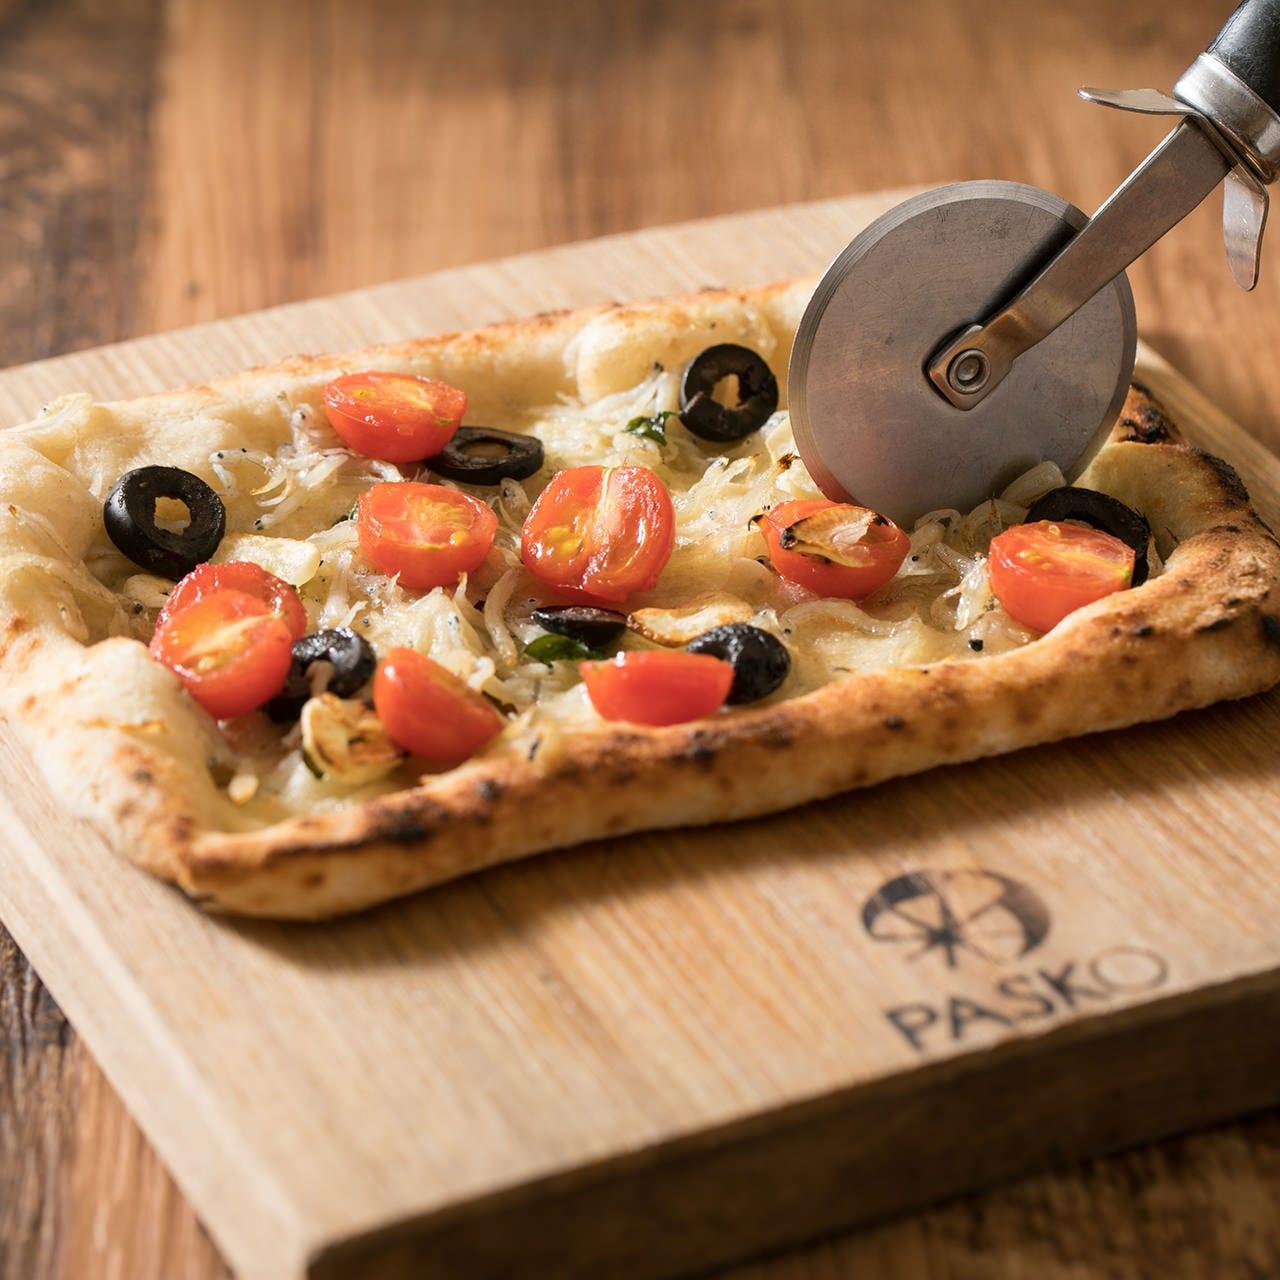 種類豊富なピザは大人気♪あれもこれも食べたくなります。